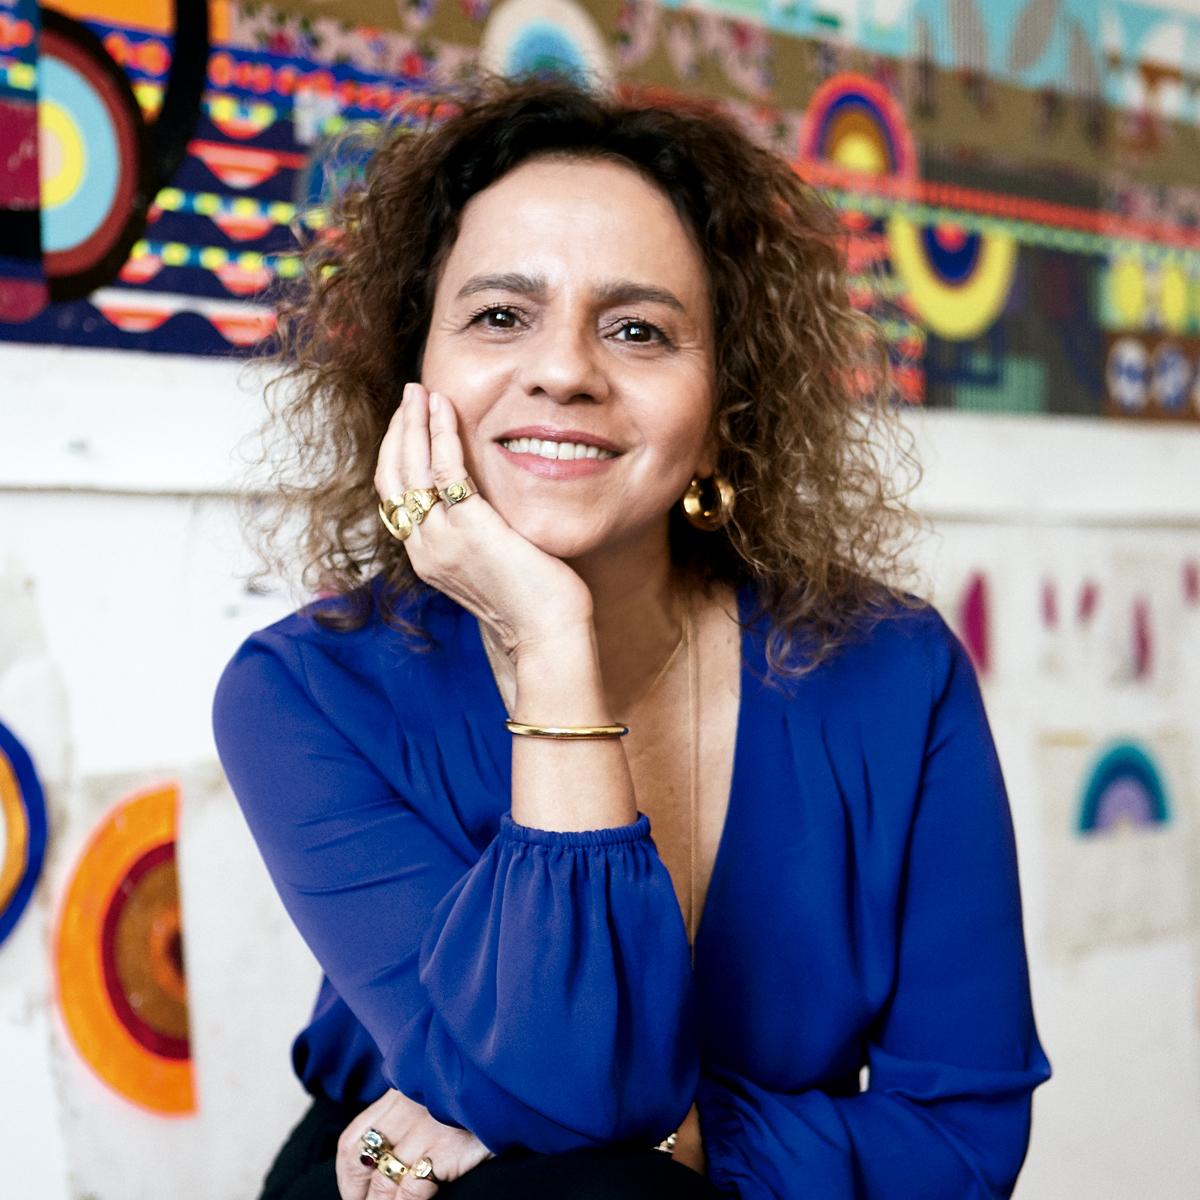 Beatriz Milhares